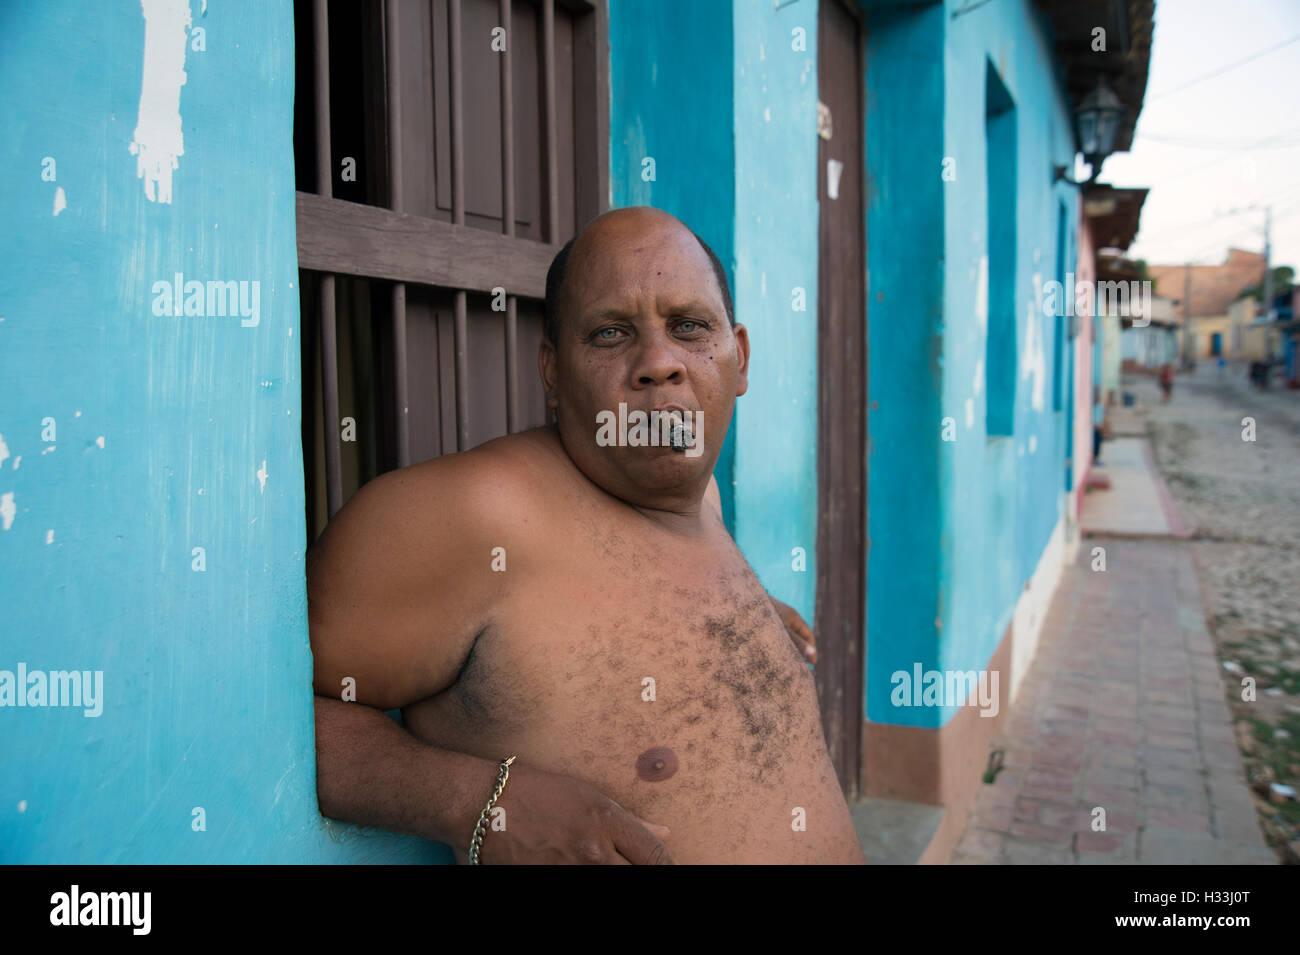 Un Hombre Cubano Portly Chested Desnuda Se Inclina Contra Una Pared